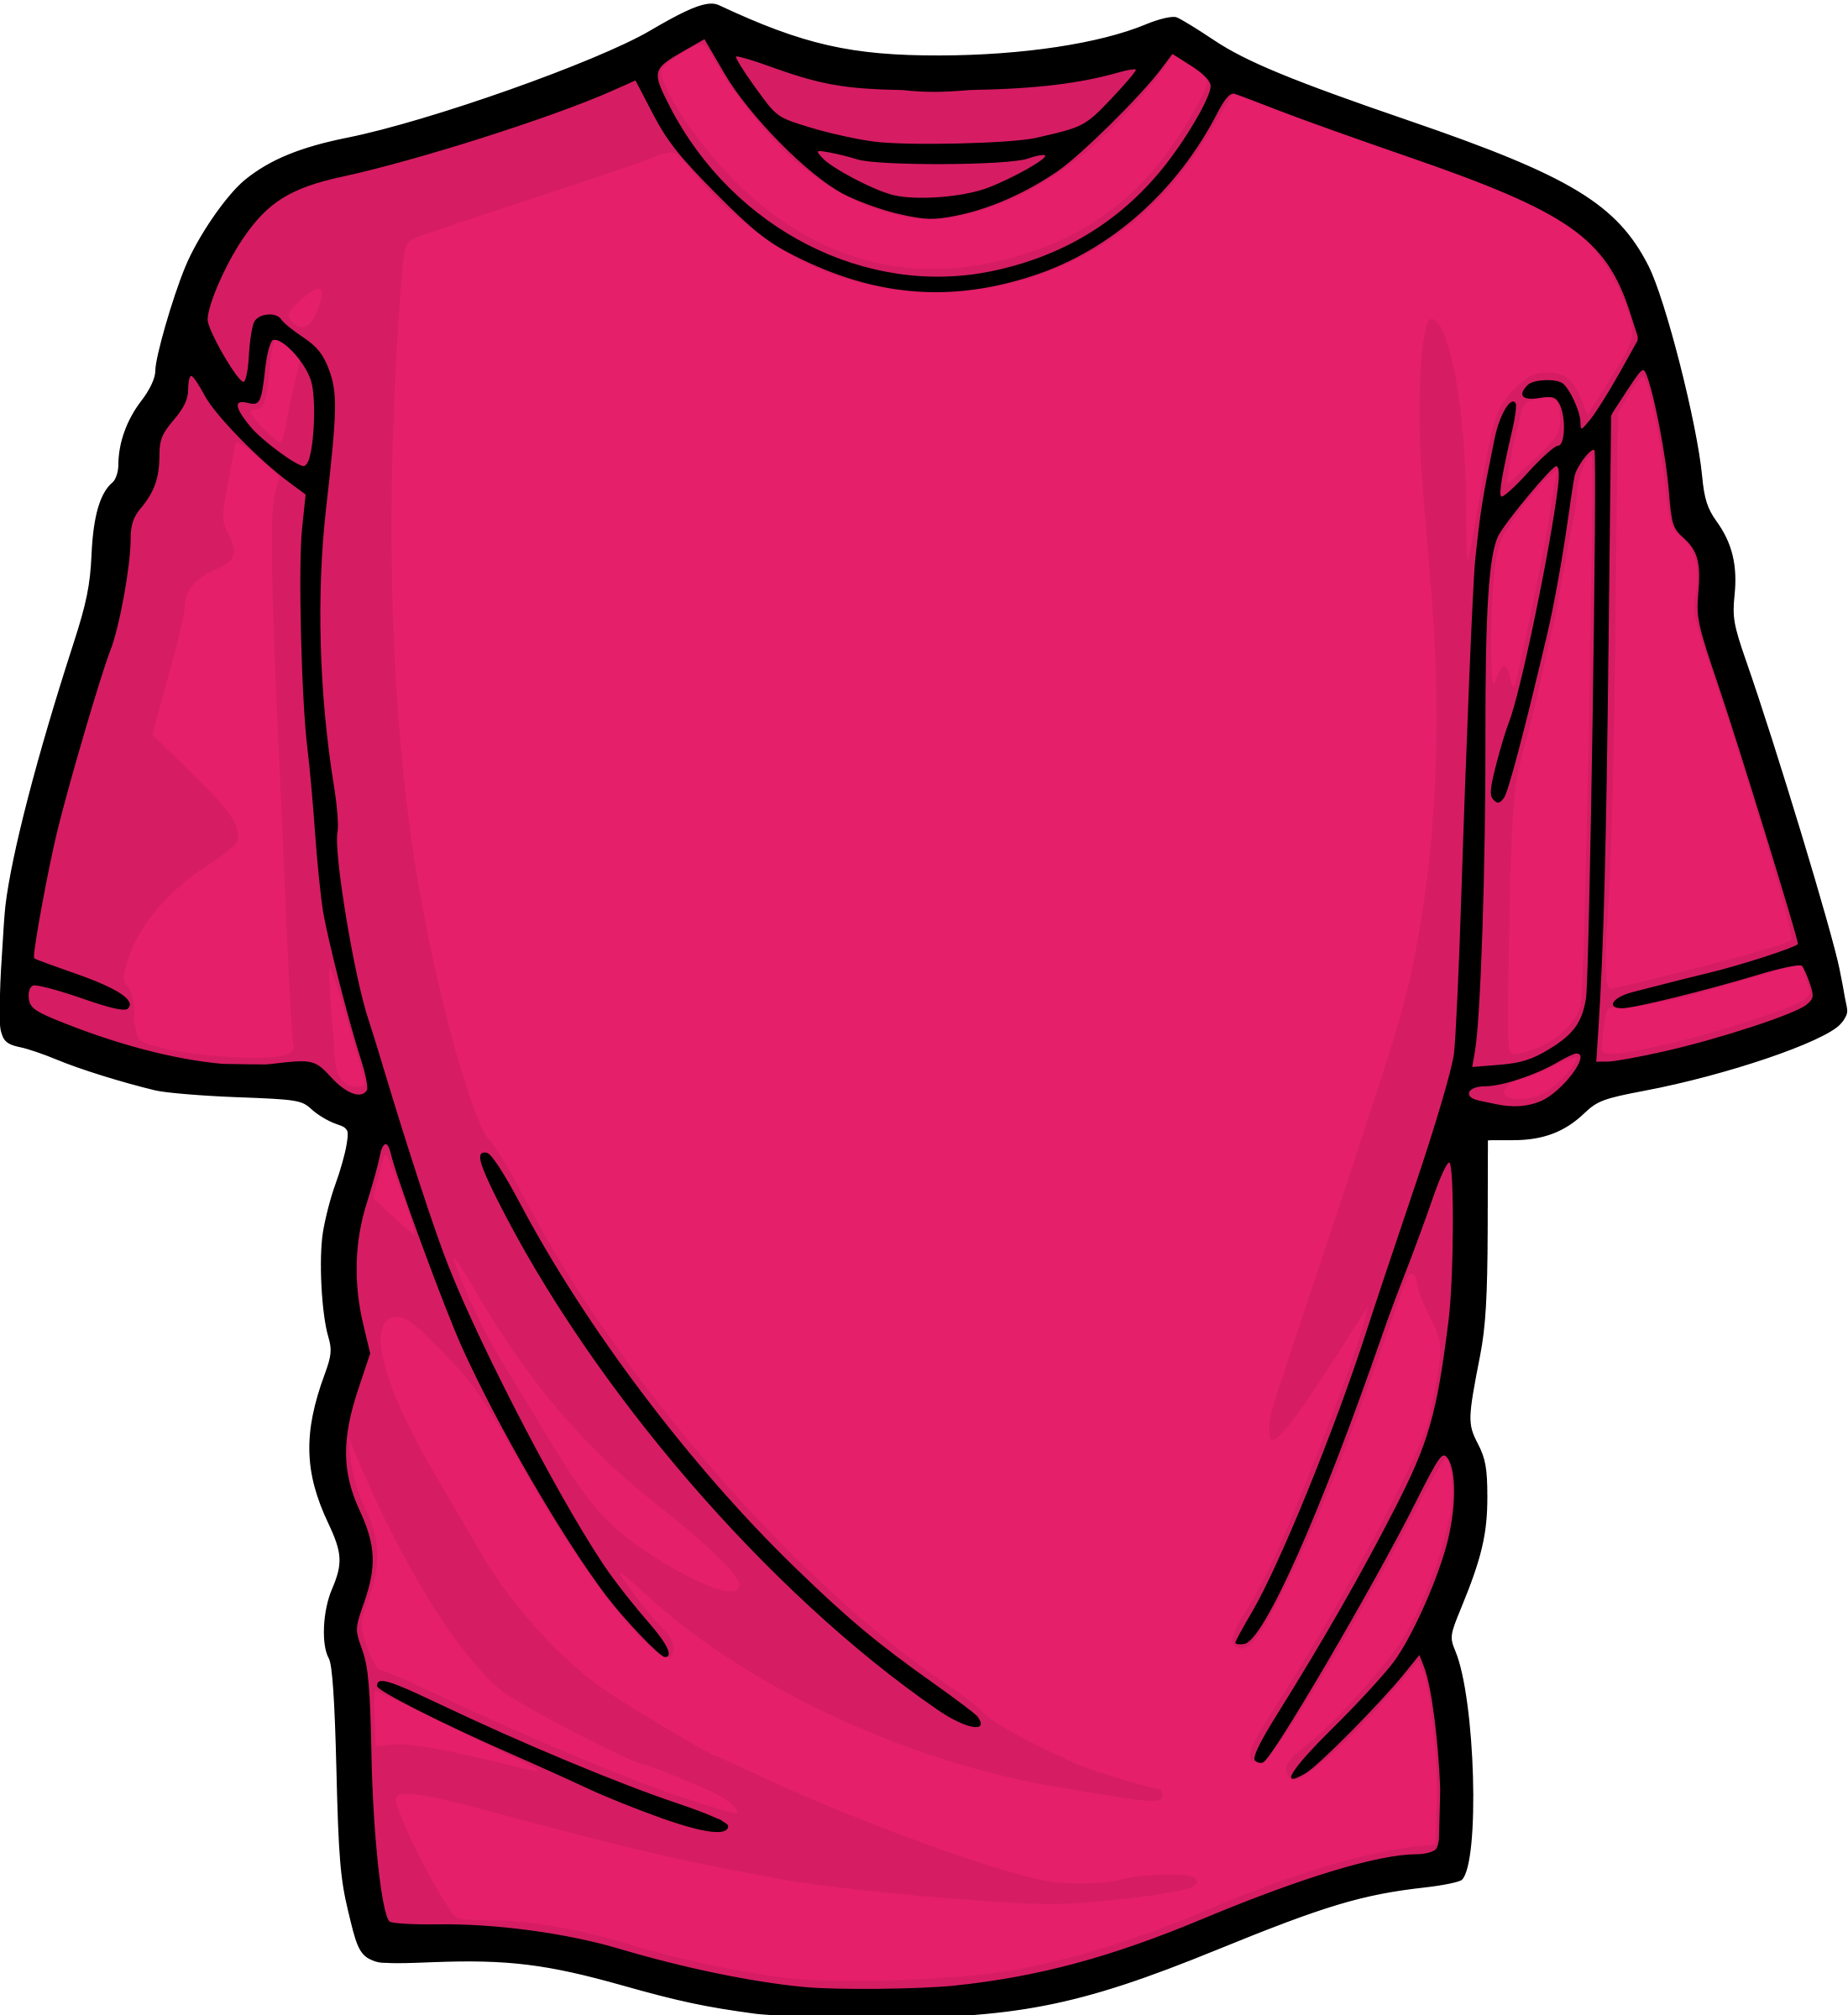 Shirt clipart T shirt #3638 of Clip